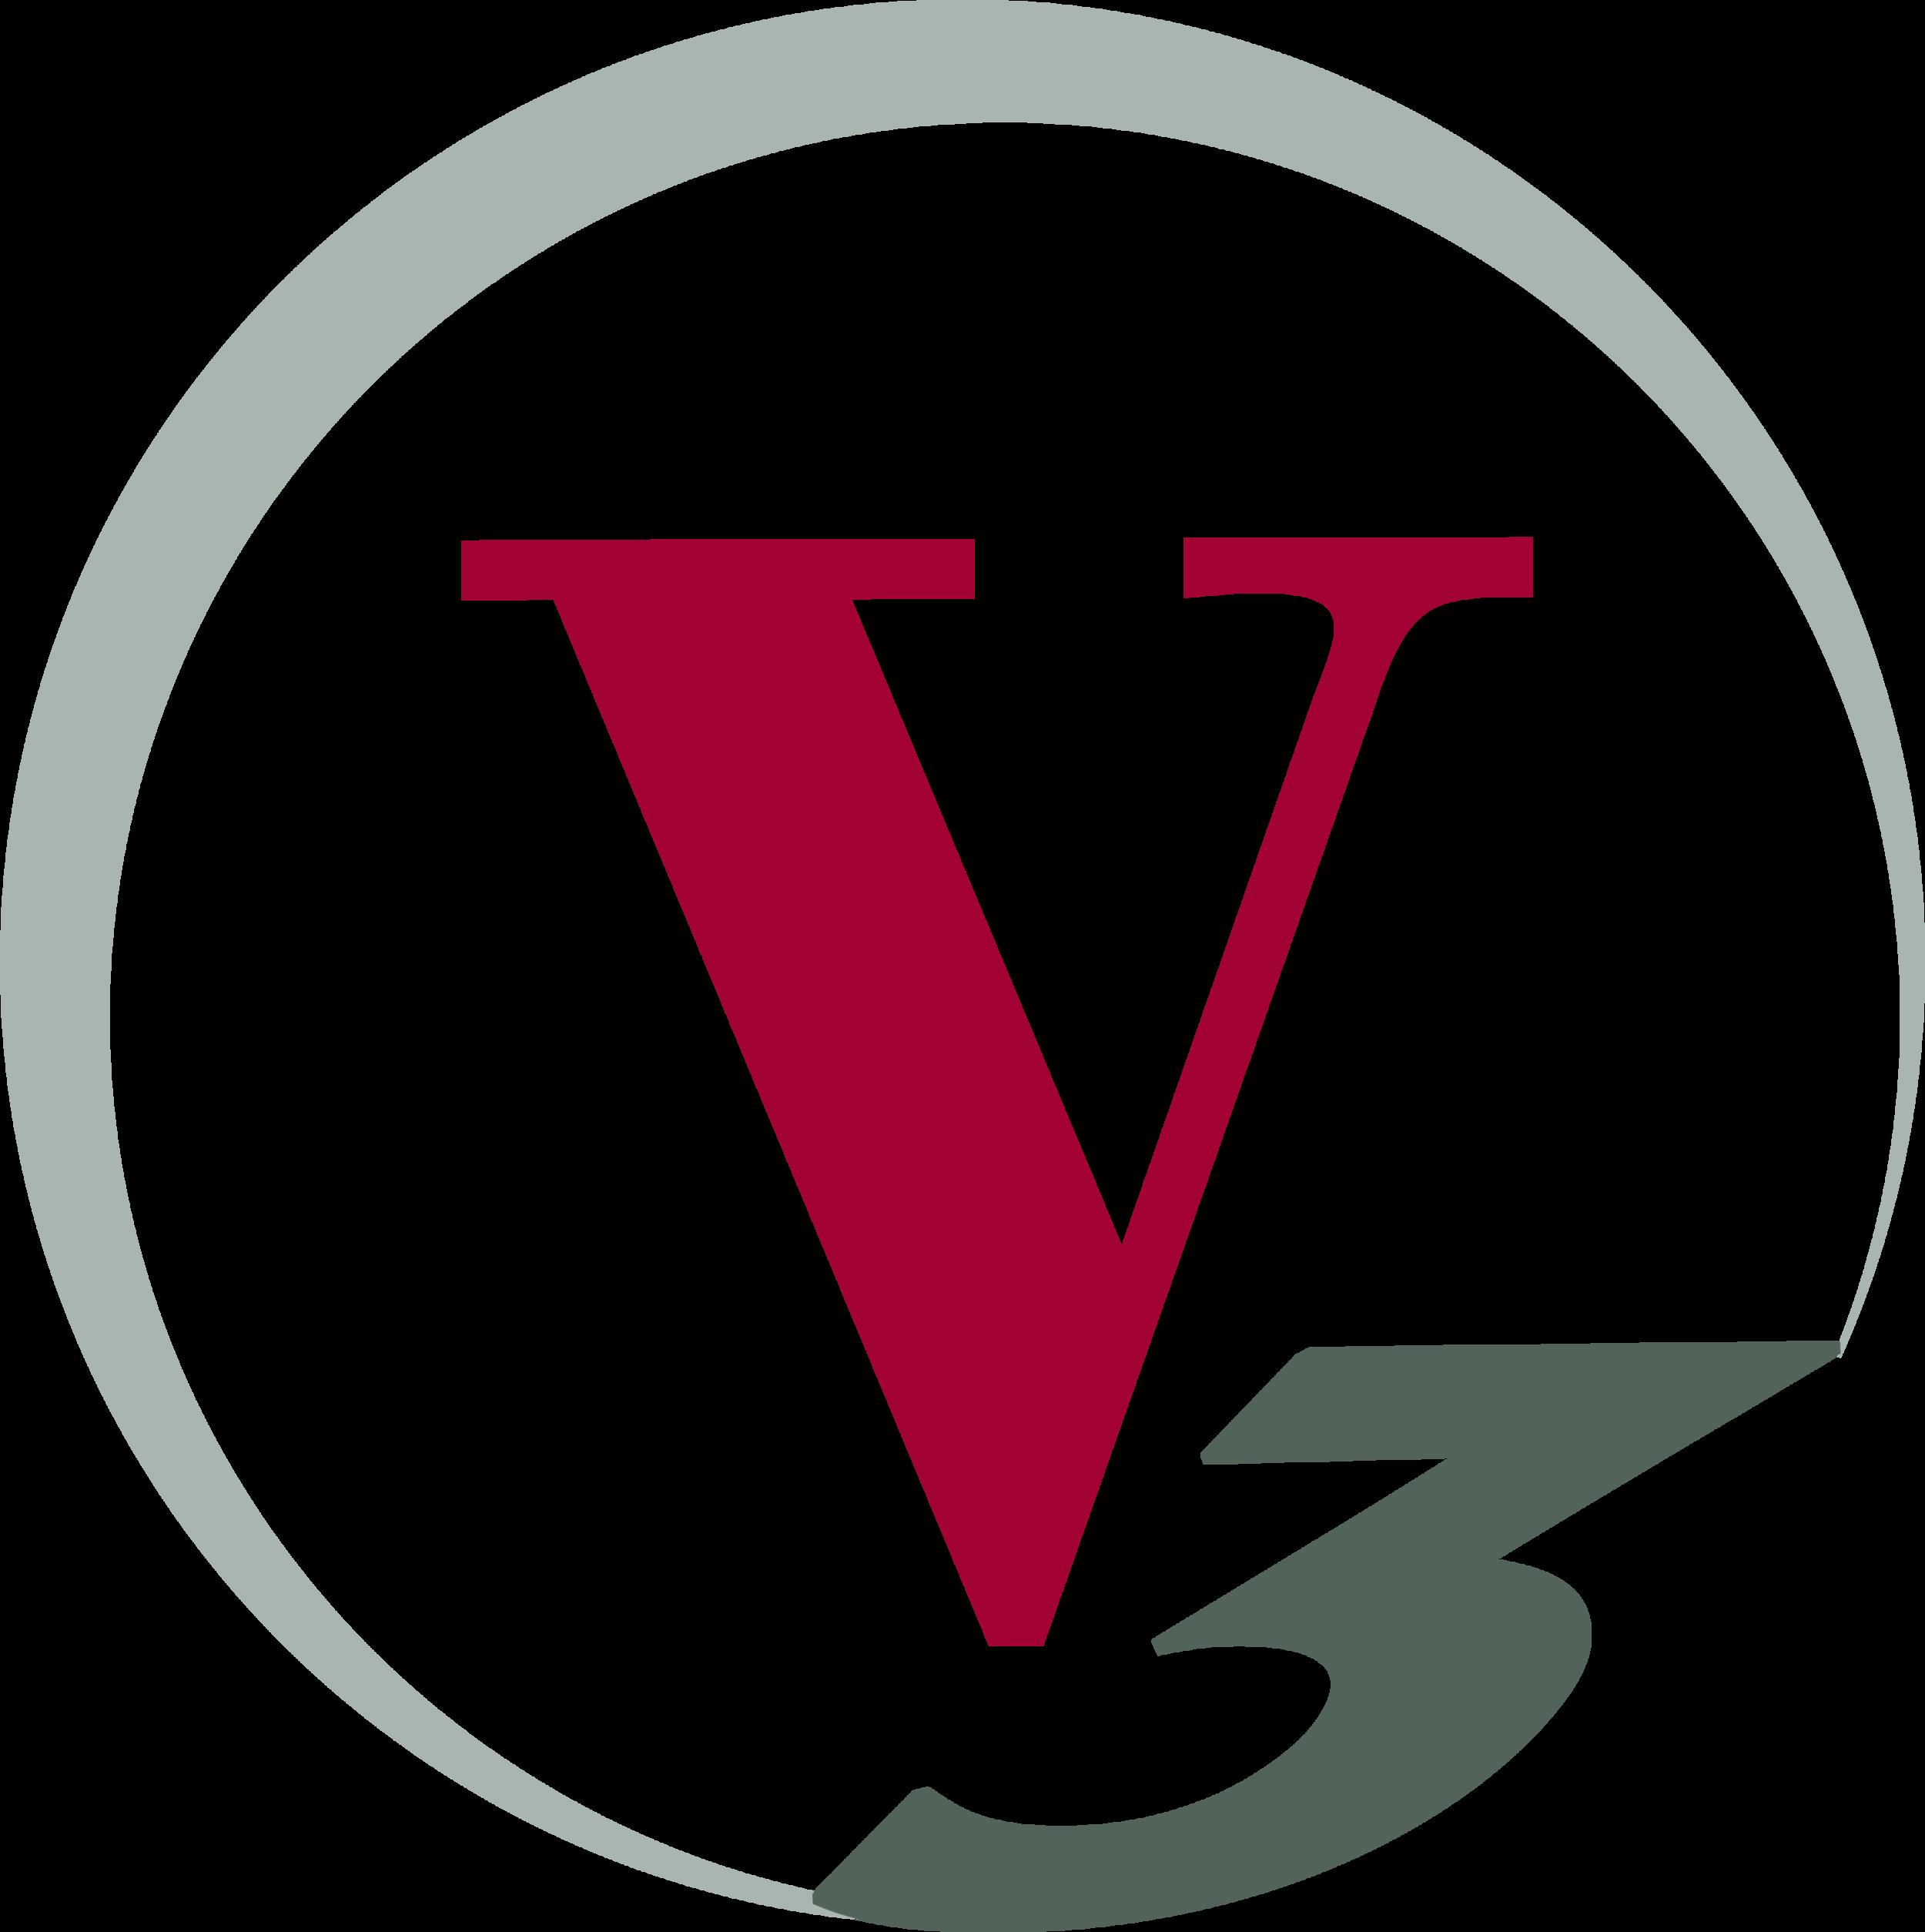 v3 logo.png